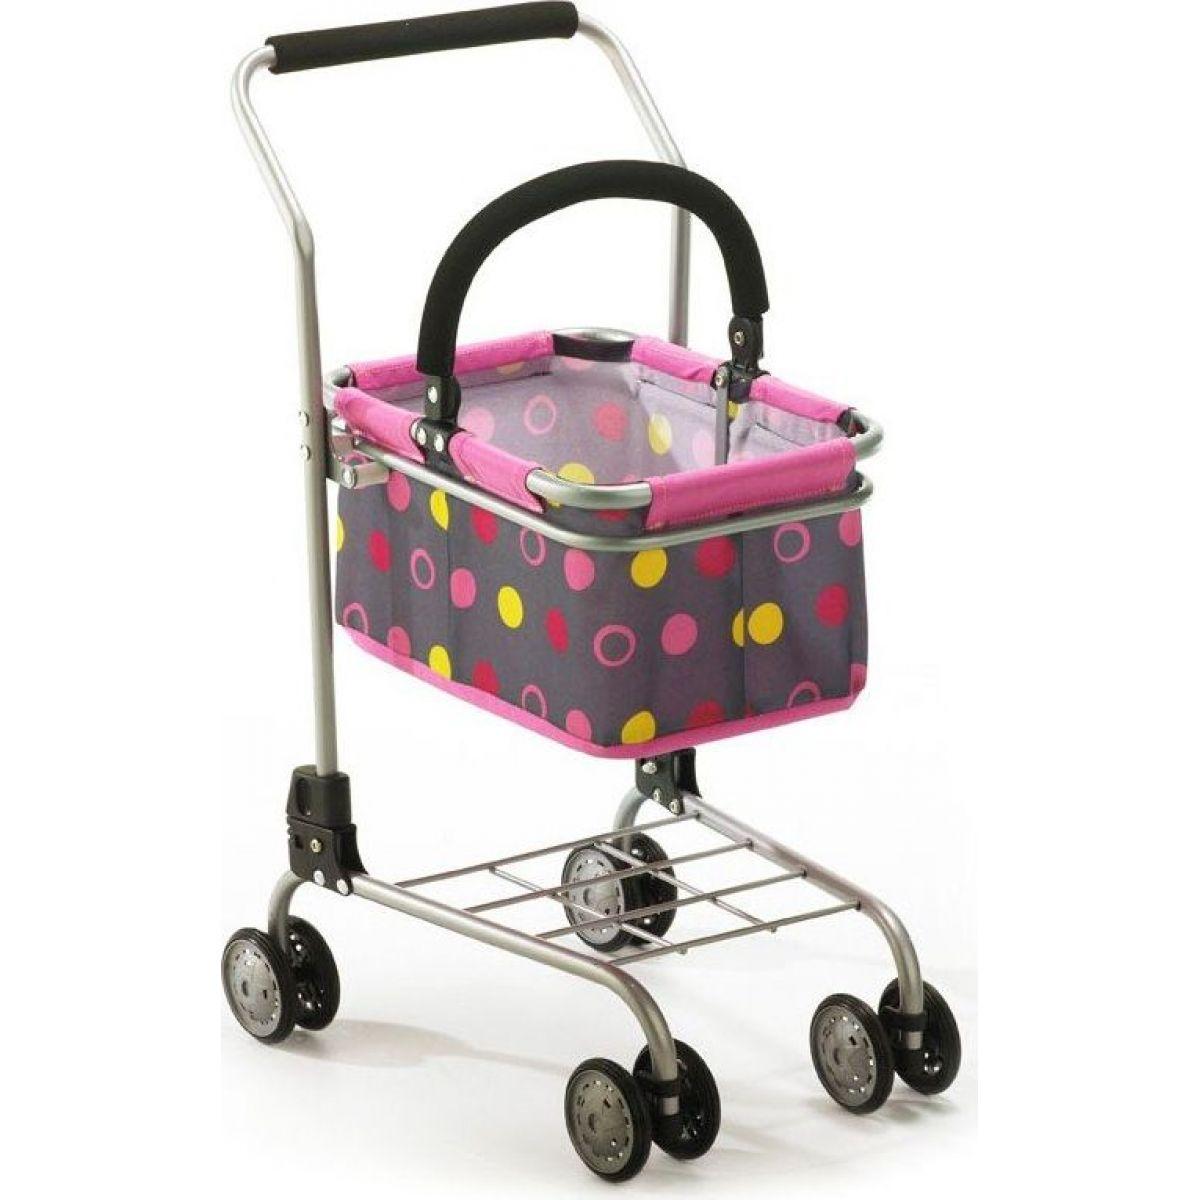 Bayer Chic Nákupní vozík s košíkem Pinky Balls